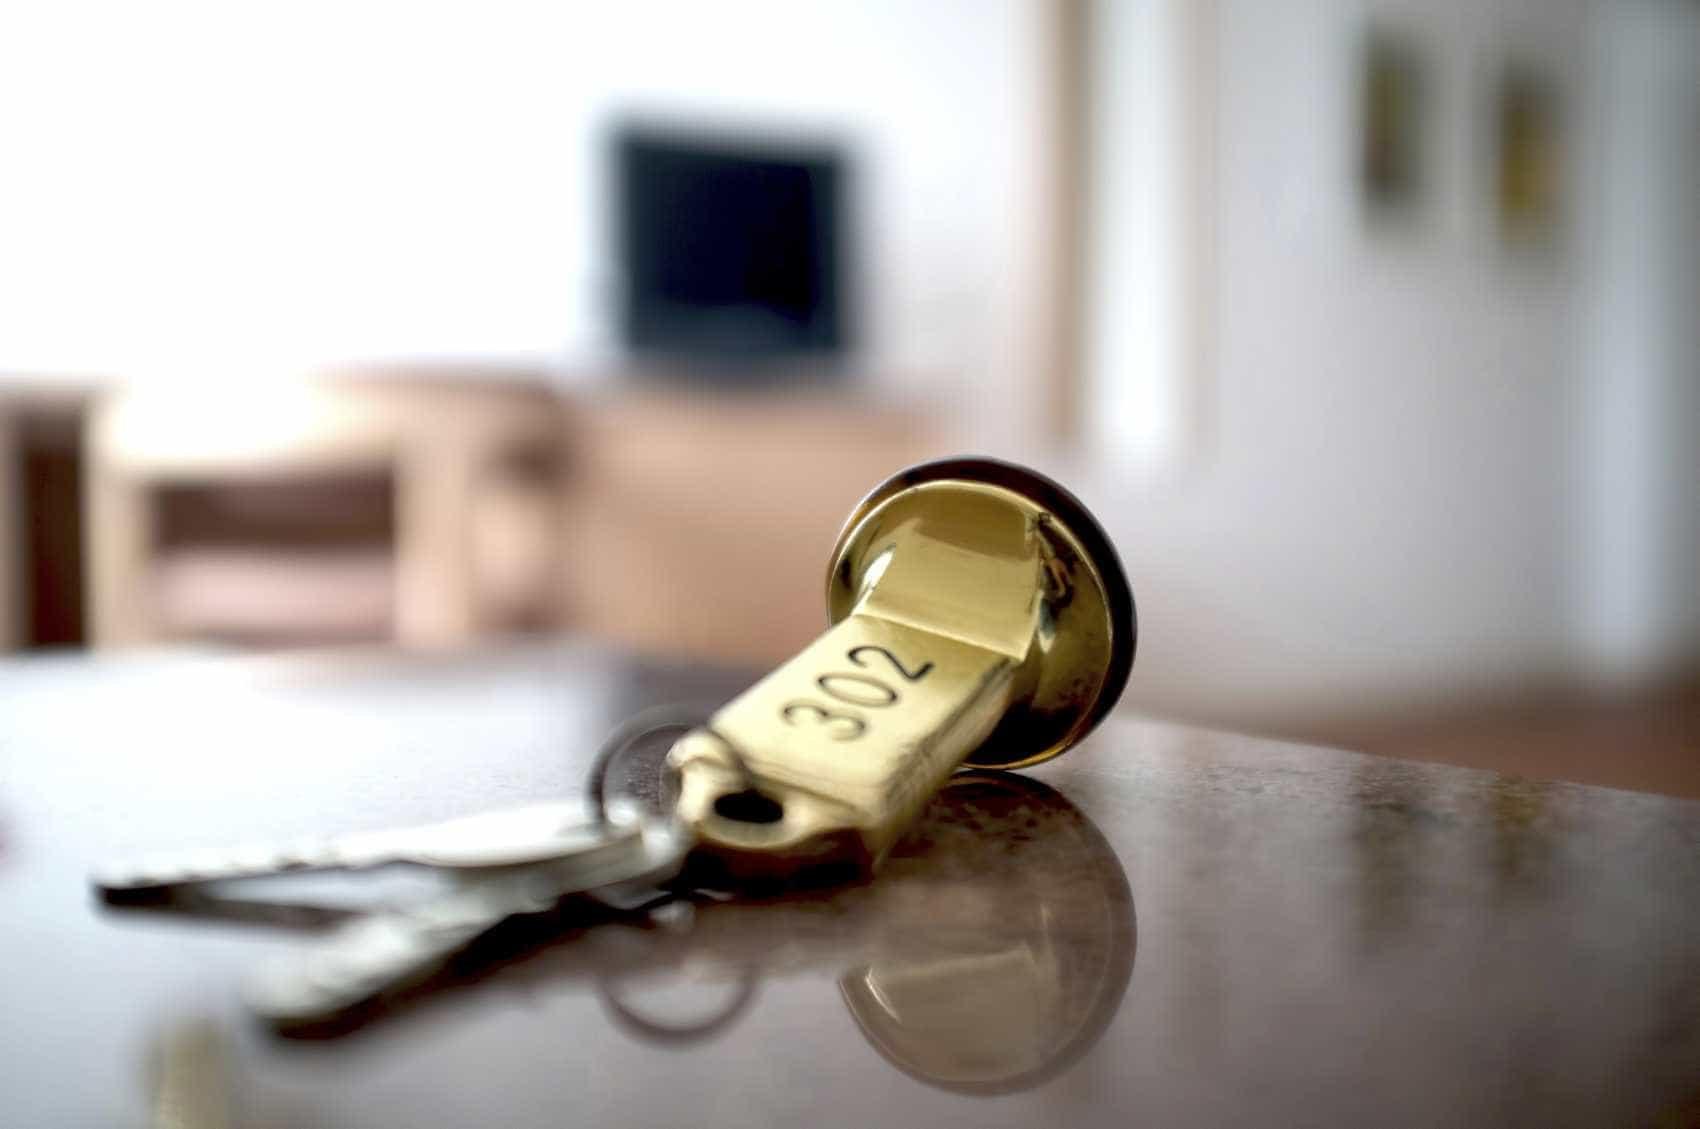 Sonae vence concessão para fazer hotel na Estação de Santa Apolónia